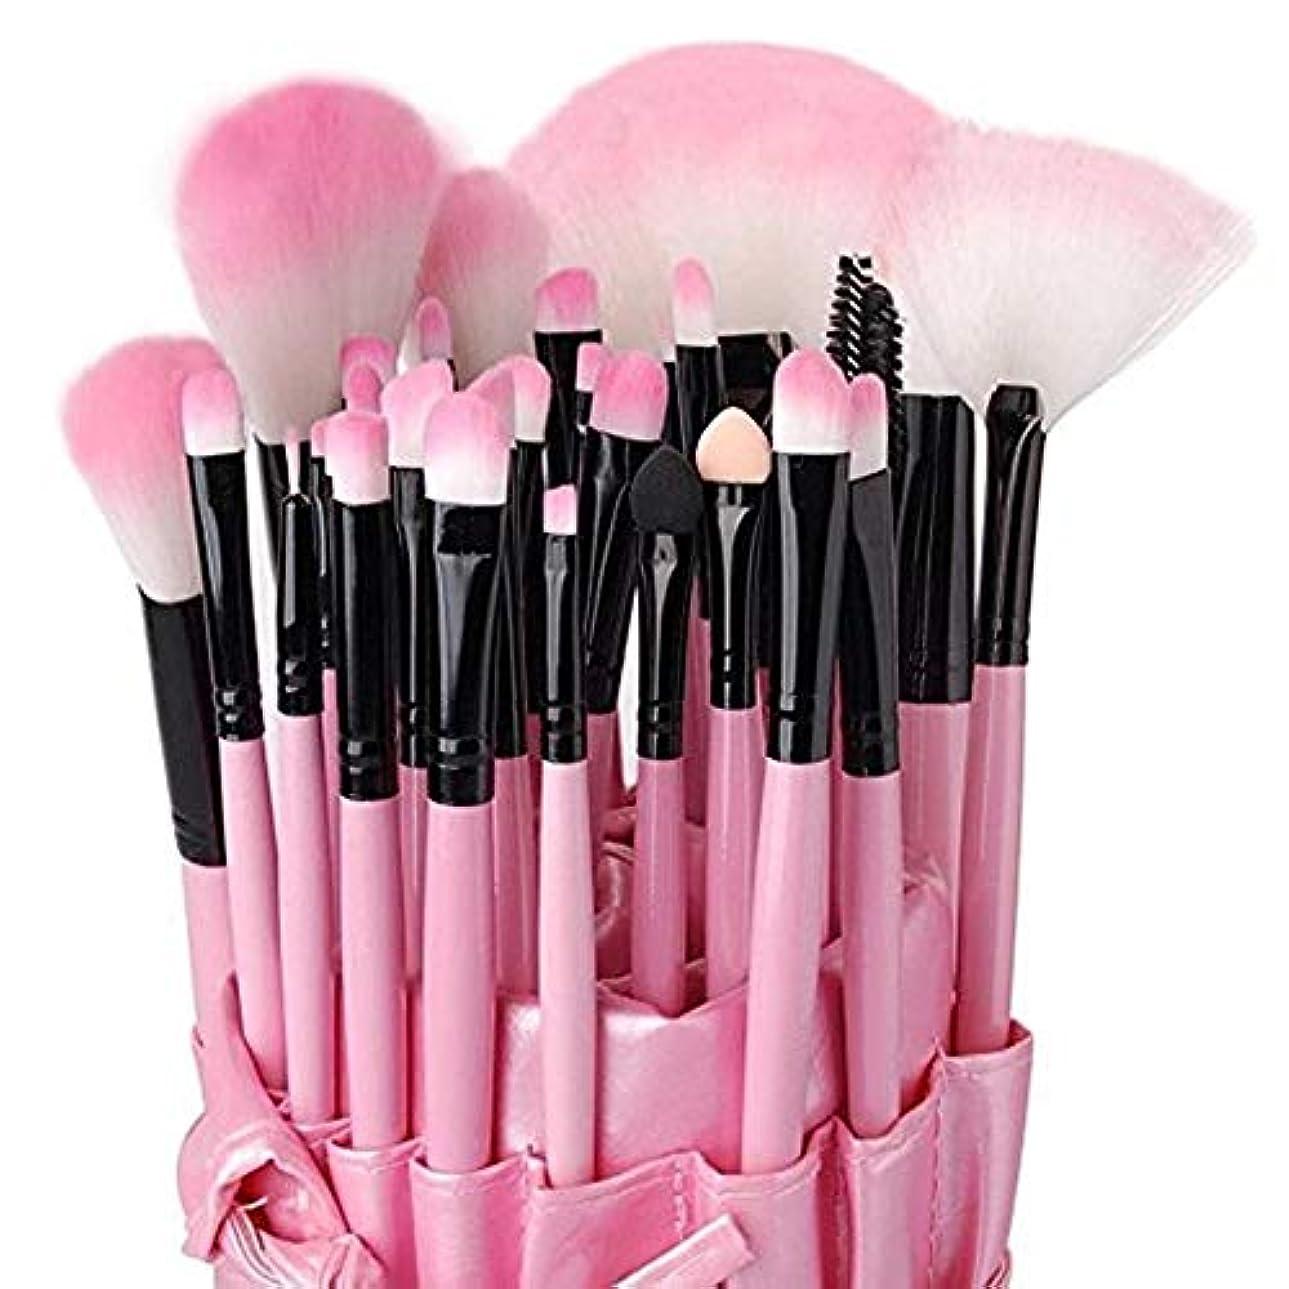 シンポジウム指標乱気流メイクアップブラシセット、32ピースプロフェッショナルプレミアム合成スーパーソフトブラシセット高級レザー効果に不可欠な化粧品セットスタイリッシュなピンク